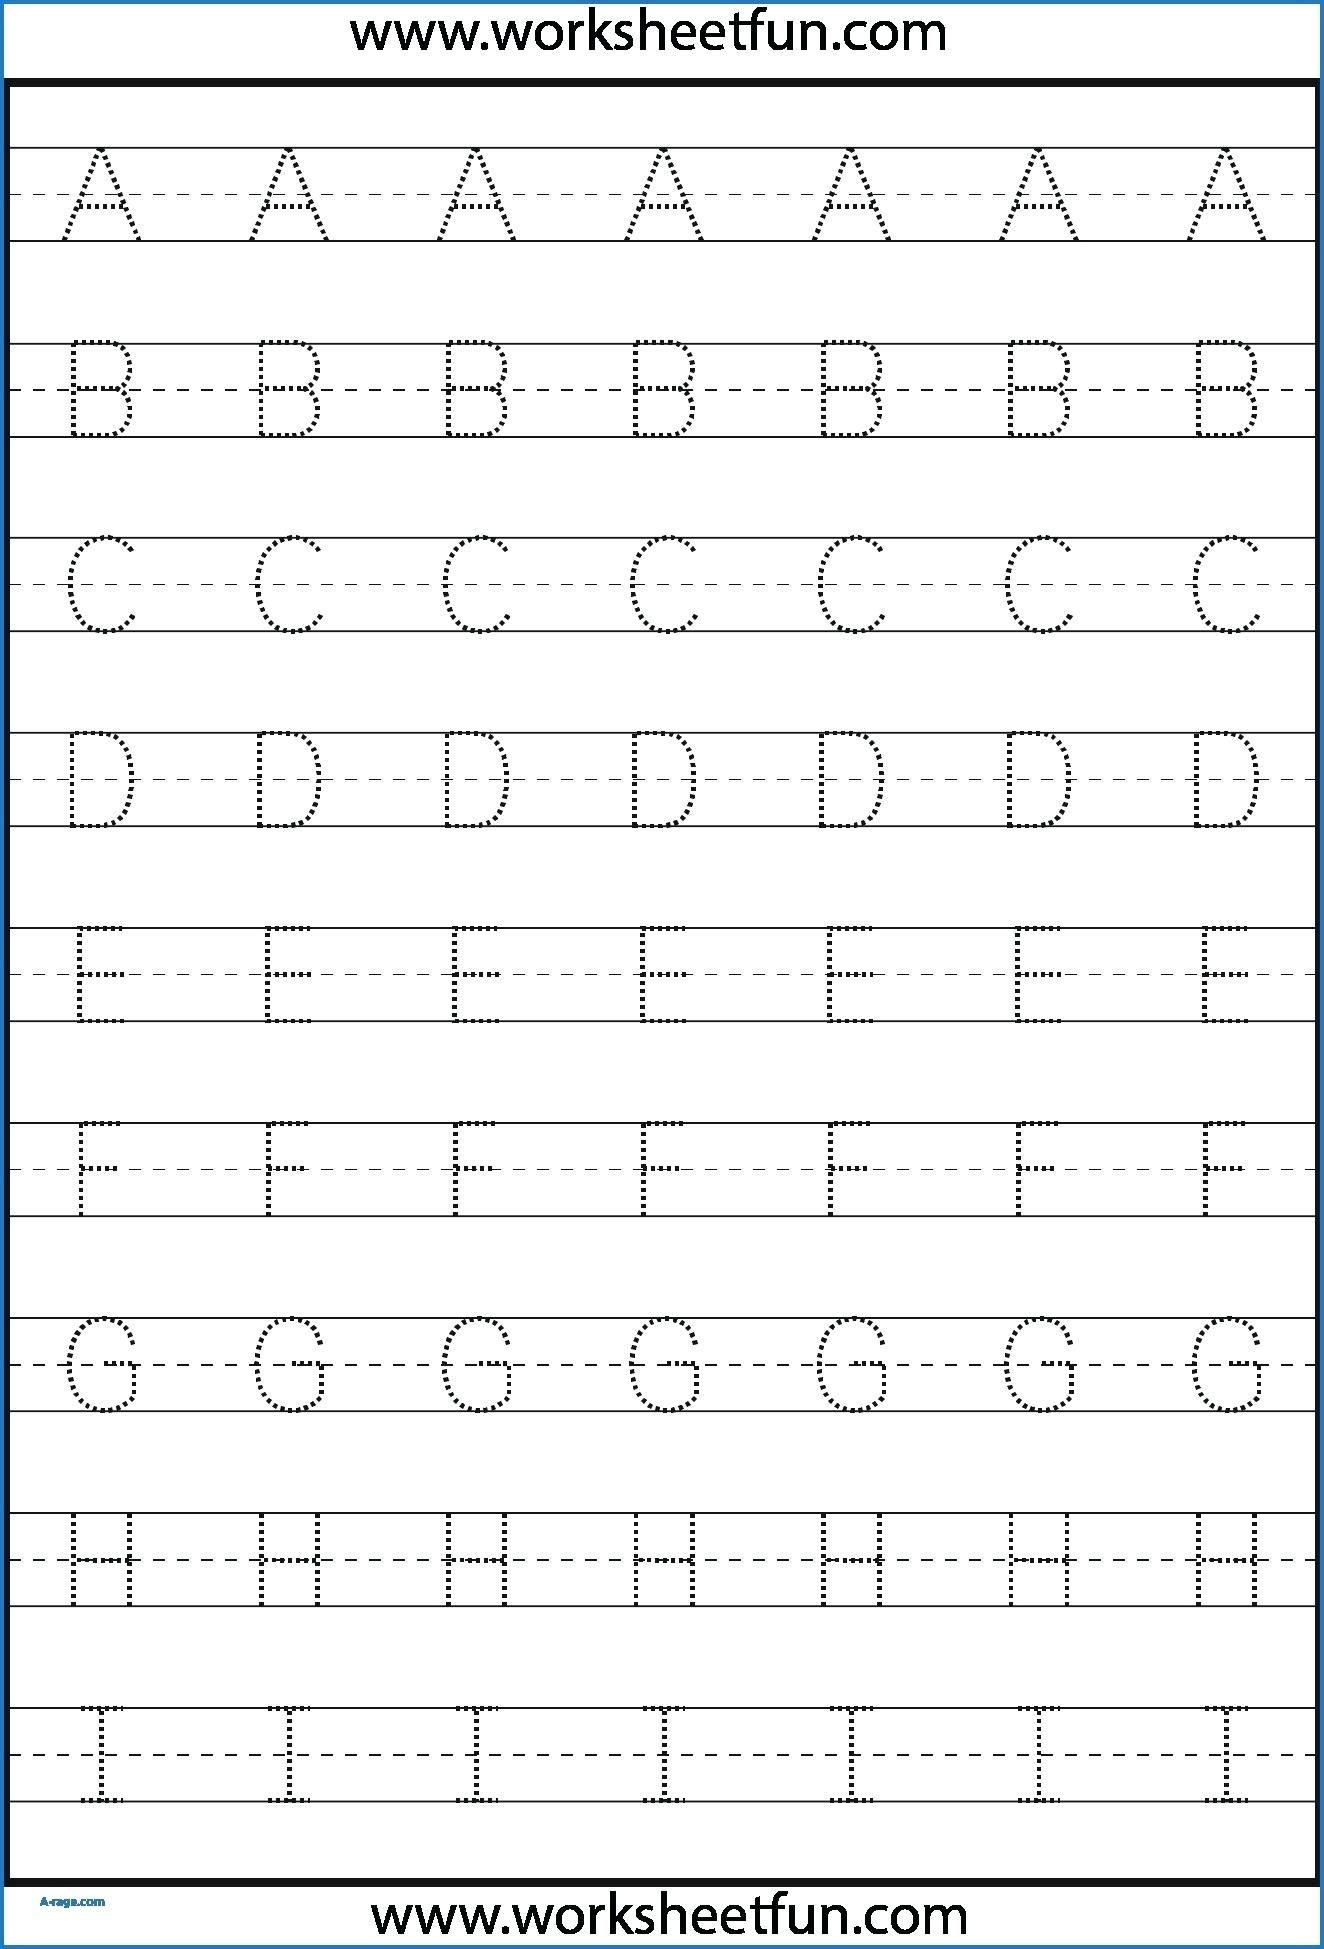 Kindergarten Letter Tracing Worksheets Pdf - Wallpaper Image inside Letter Z Worksheets Pdf